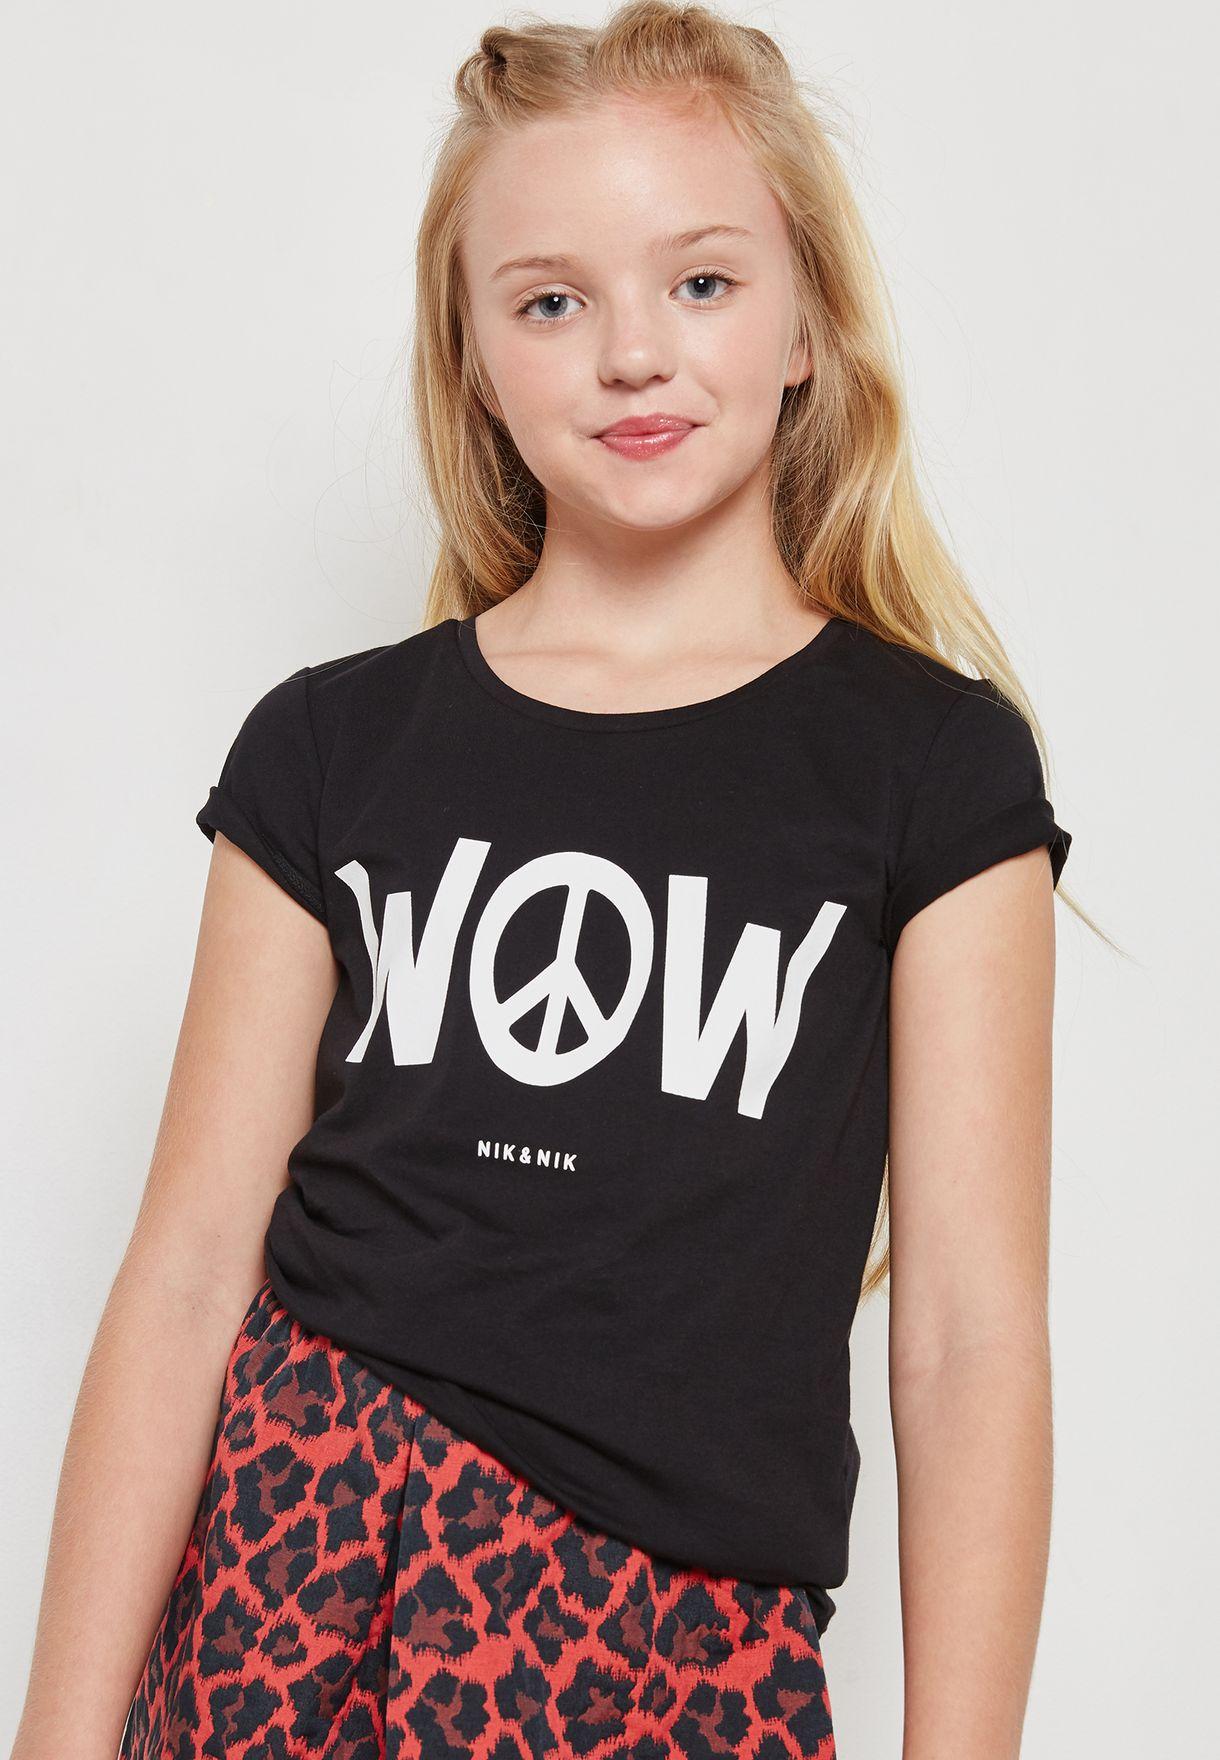 Lexy teen model